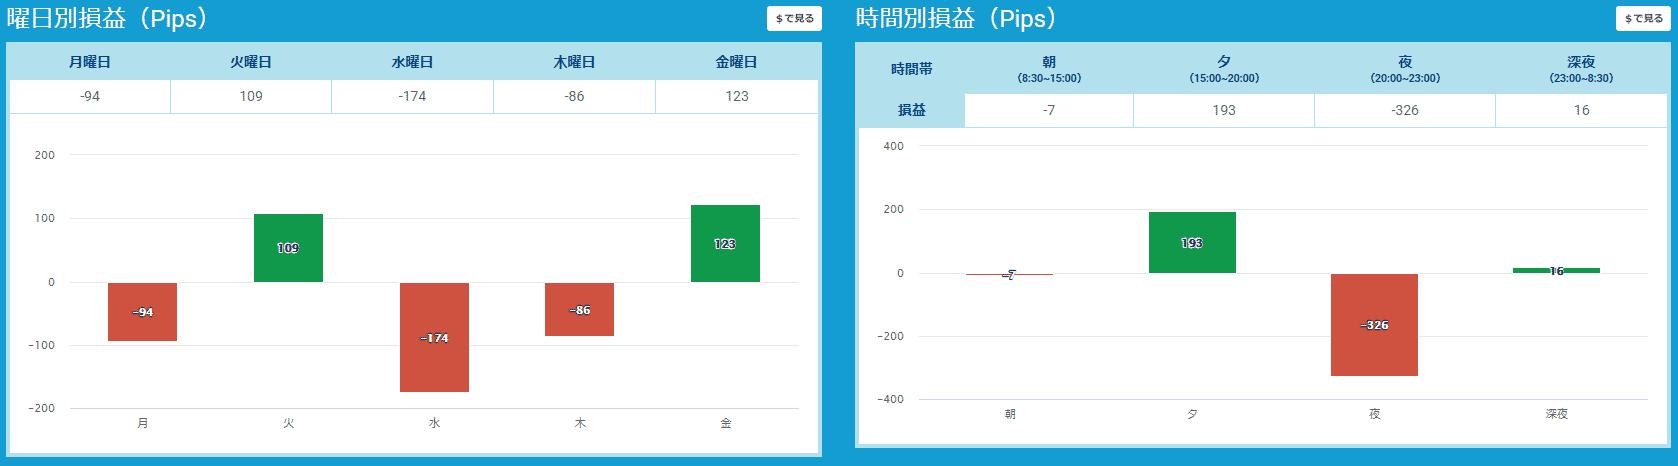 プロップトレーダーチャートYuko2